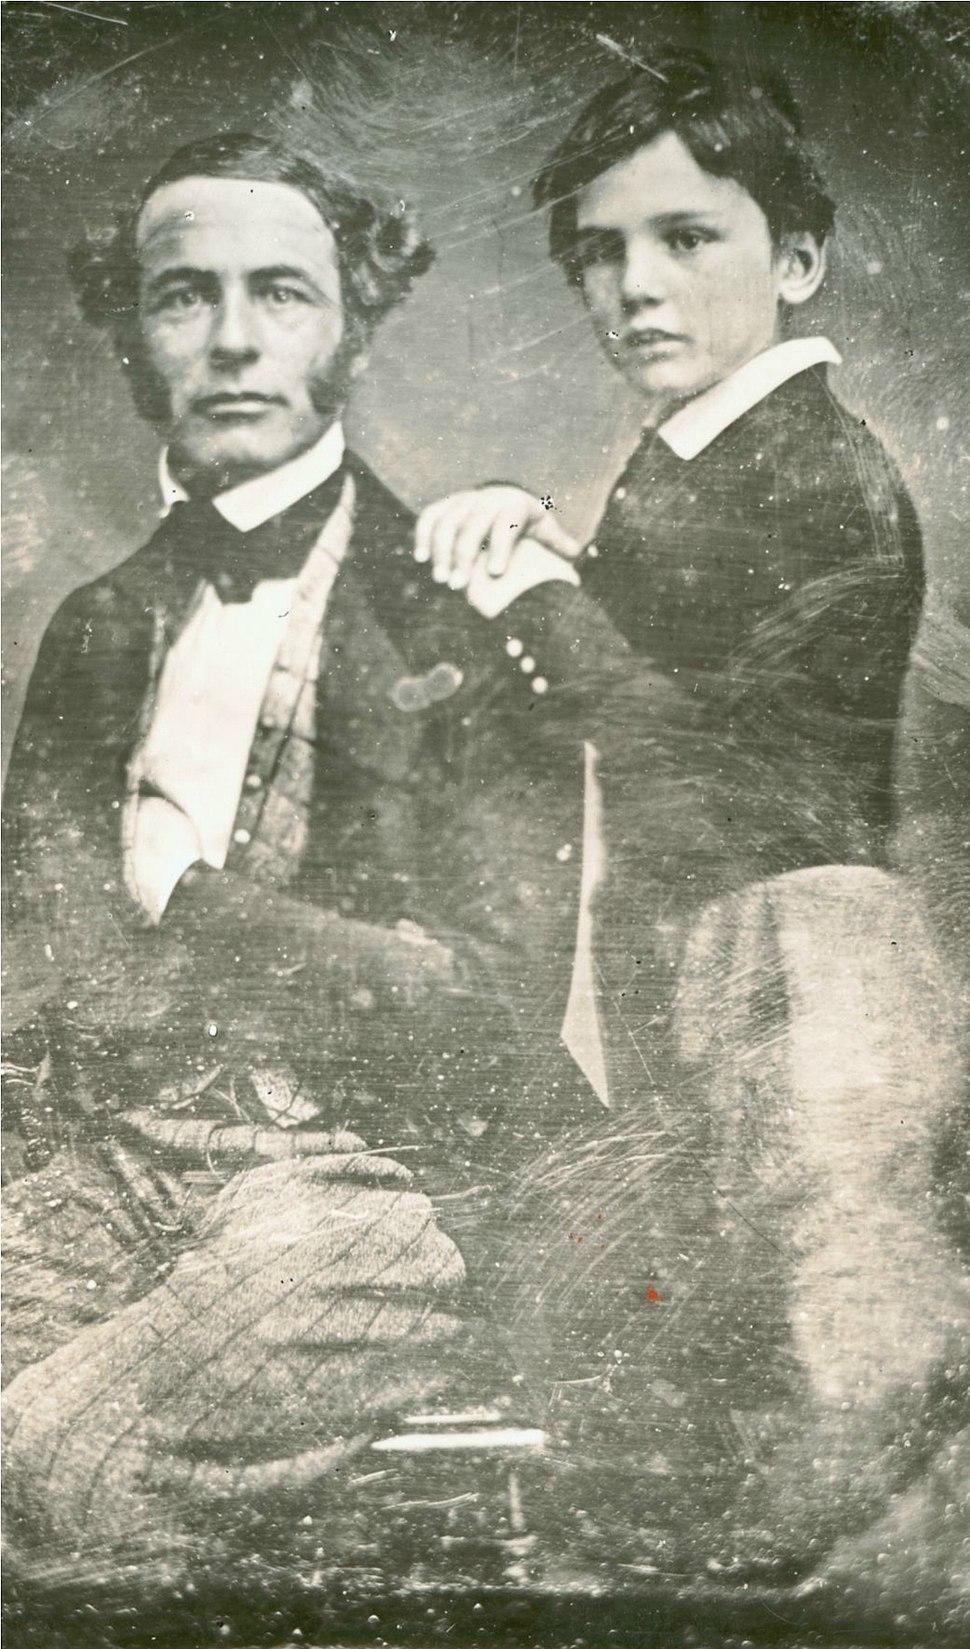 Robert E Lee 1845